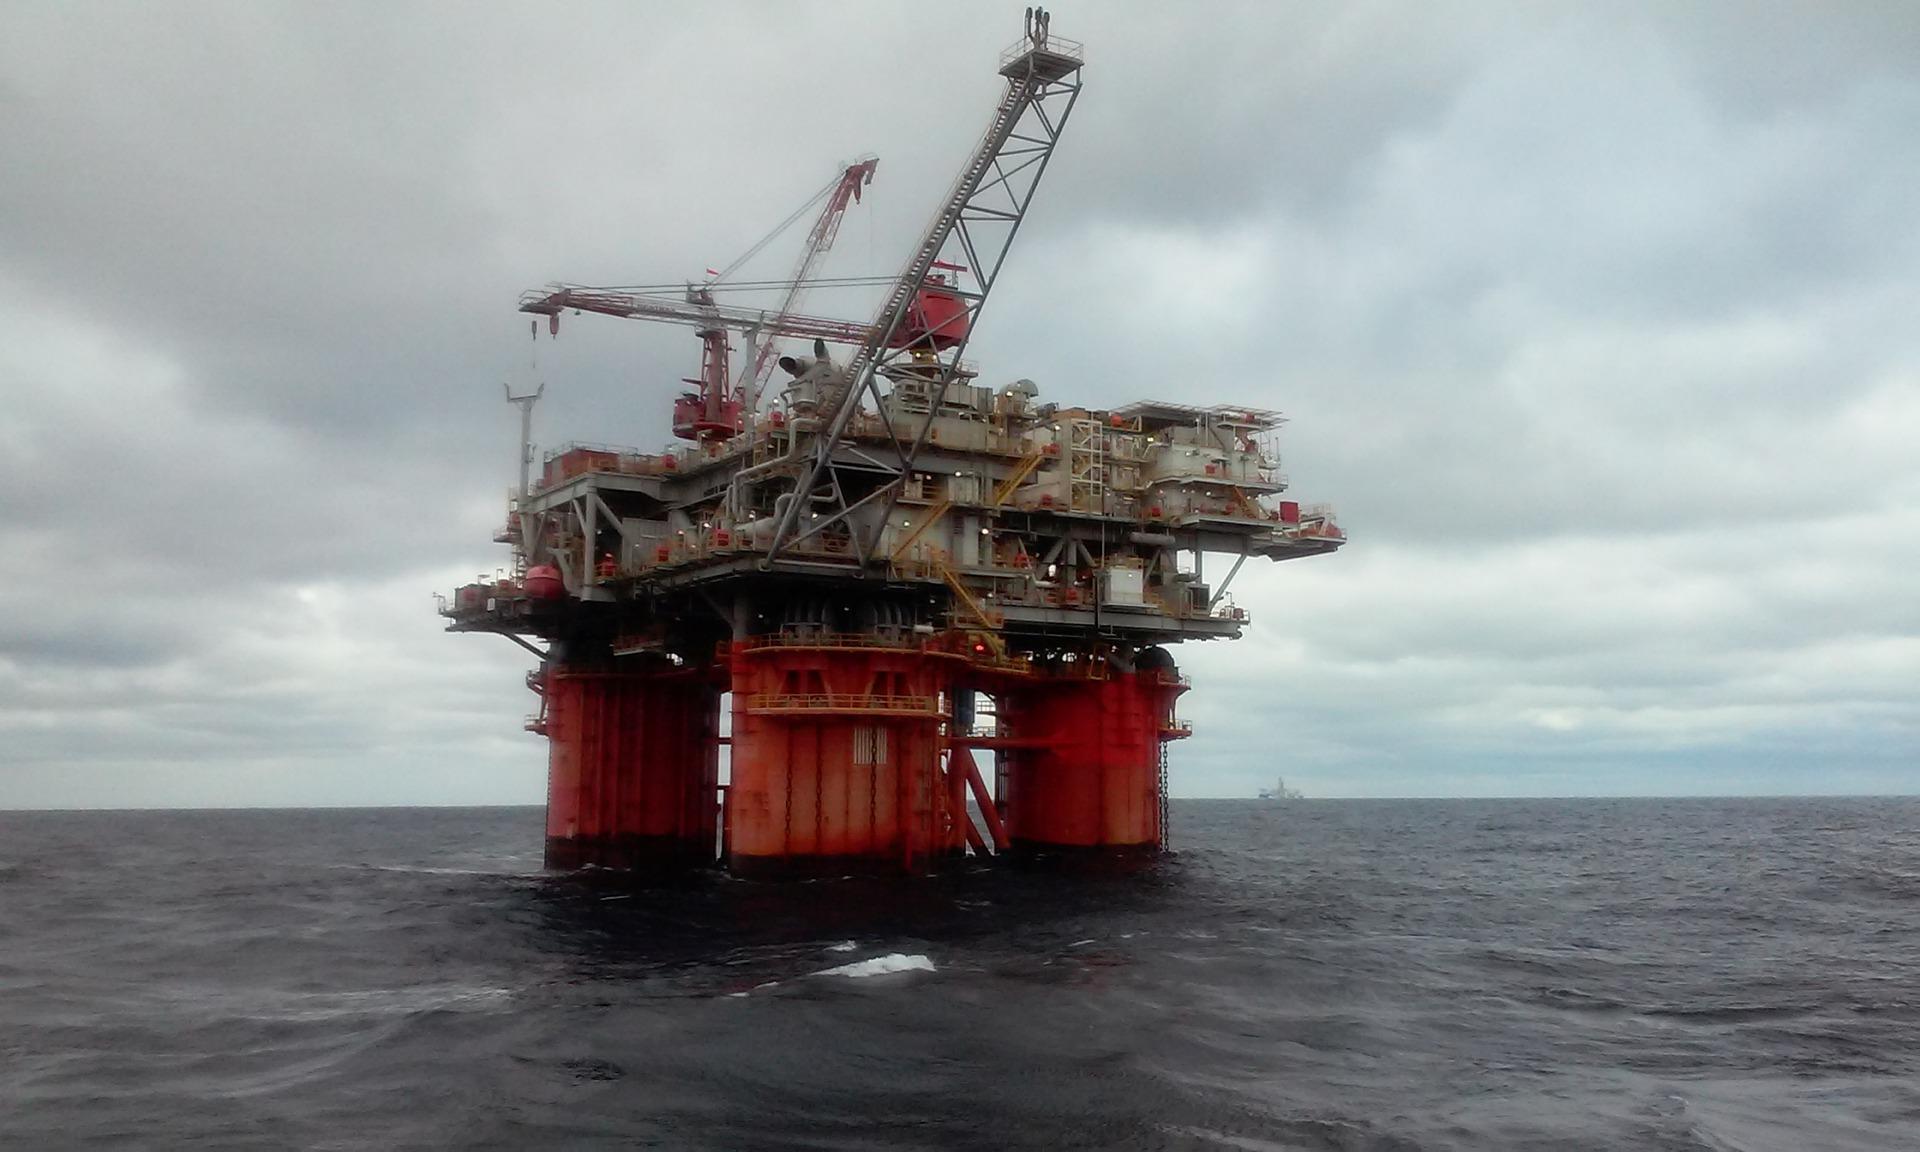 Миру предрекли окончание эпохи нефти в ближайшие годы